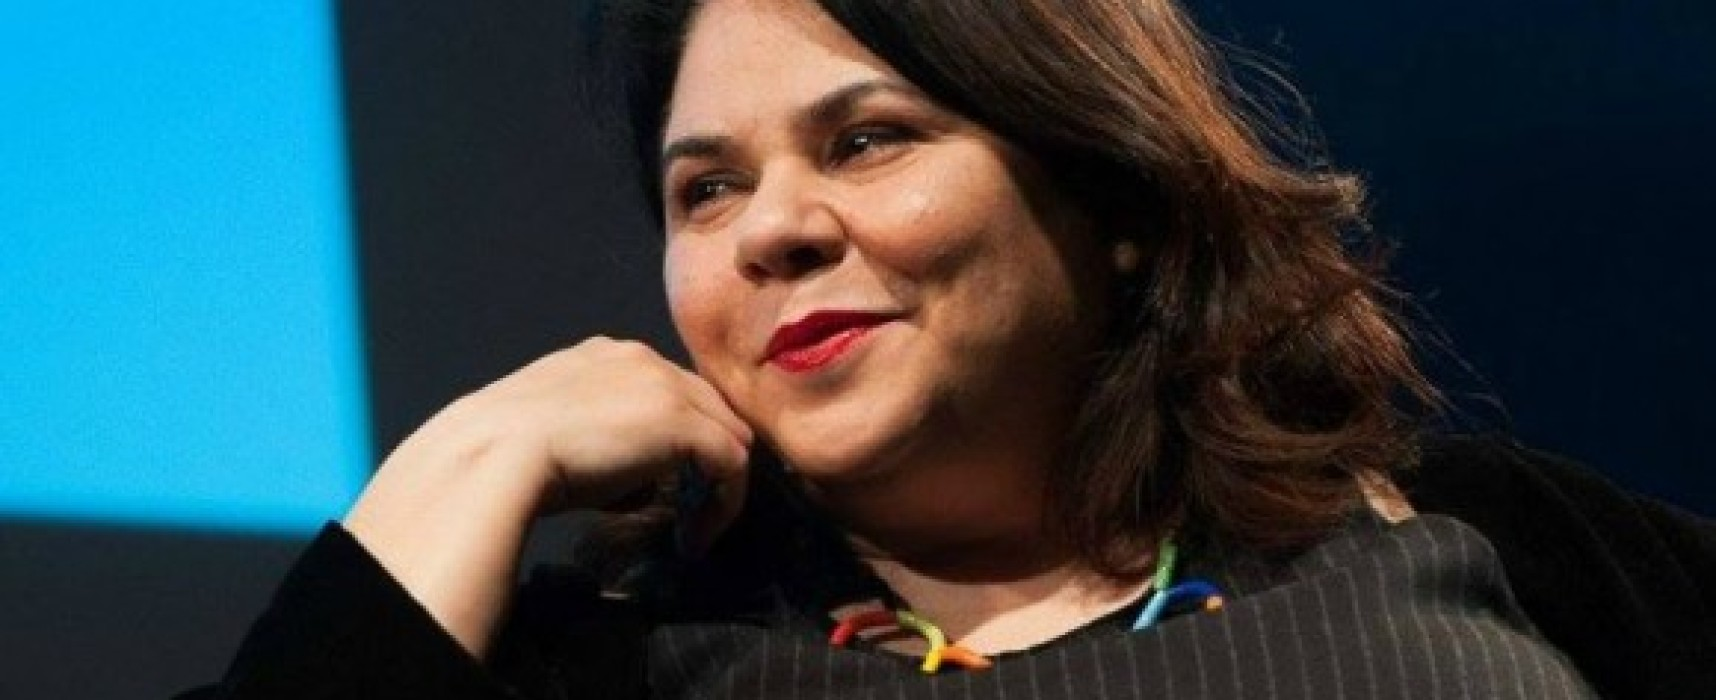 MICHELA MURGIA MARTEDì 29 MAGGIO AD ARTE'